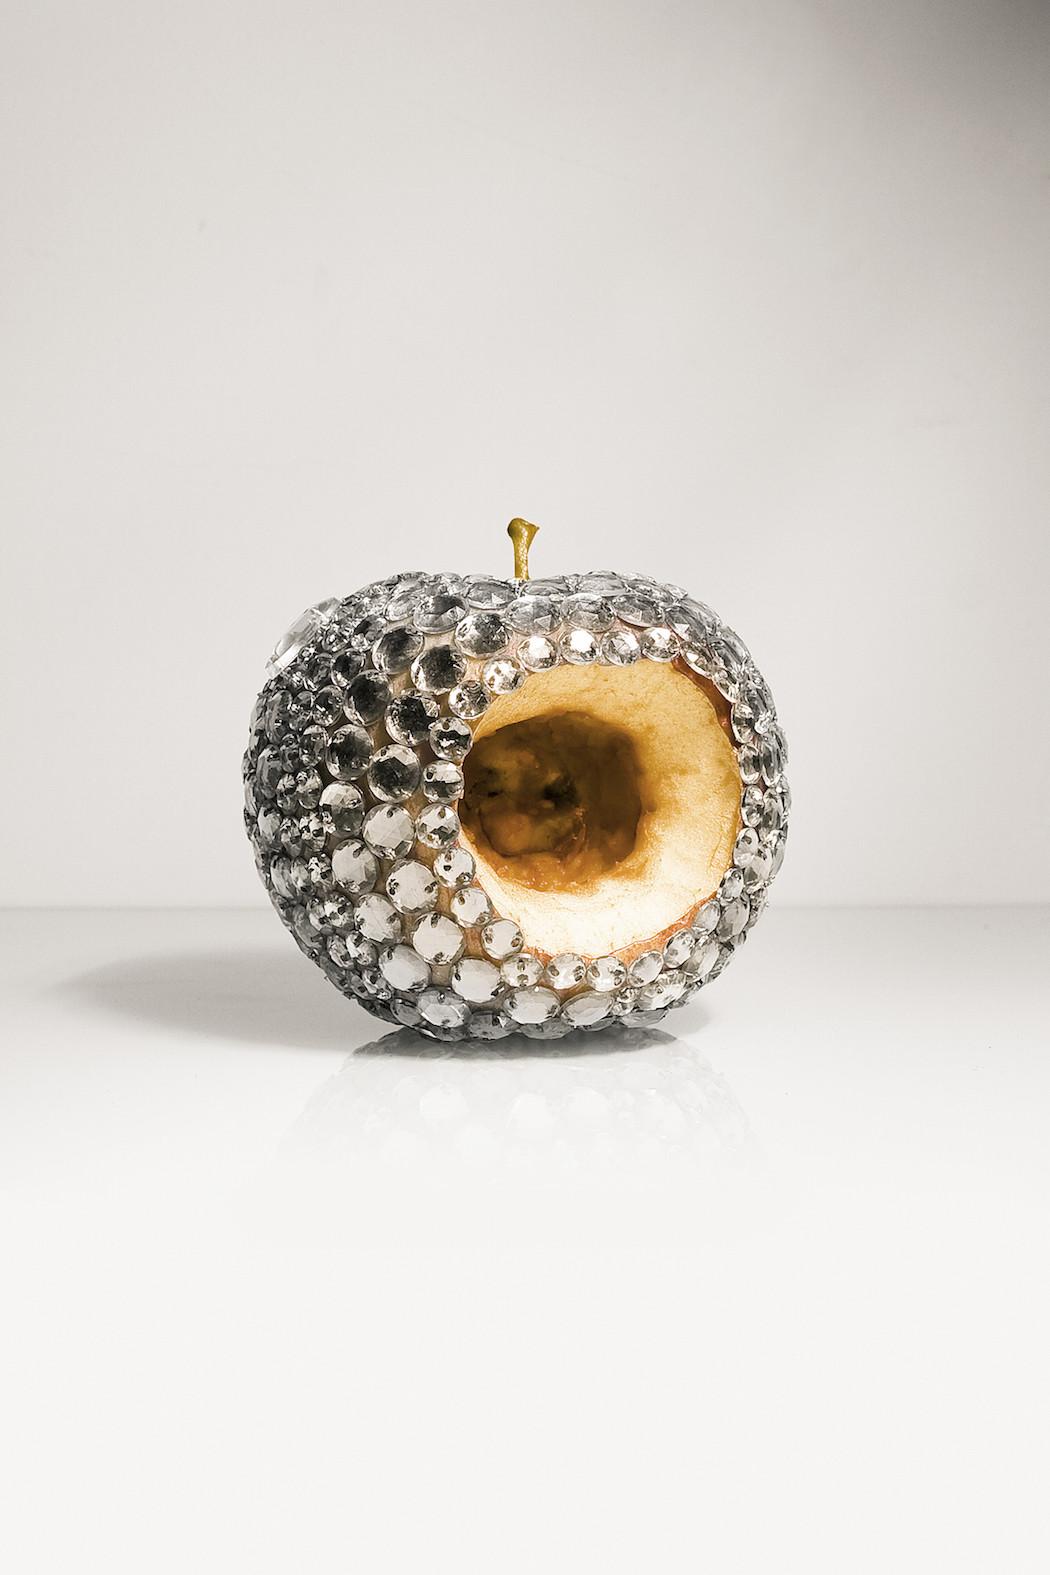 Jewel Encrusted Rotting Fruit by Luciana Rondolini (6)